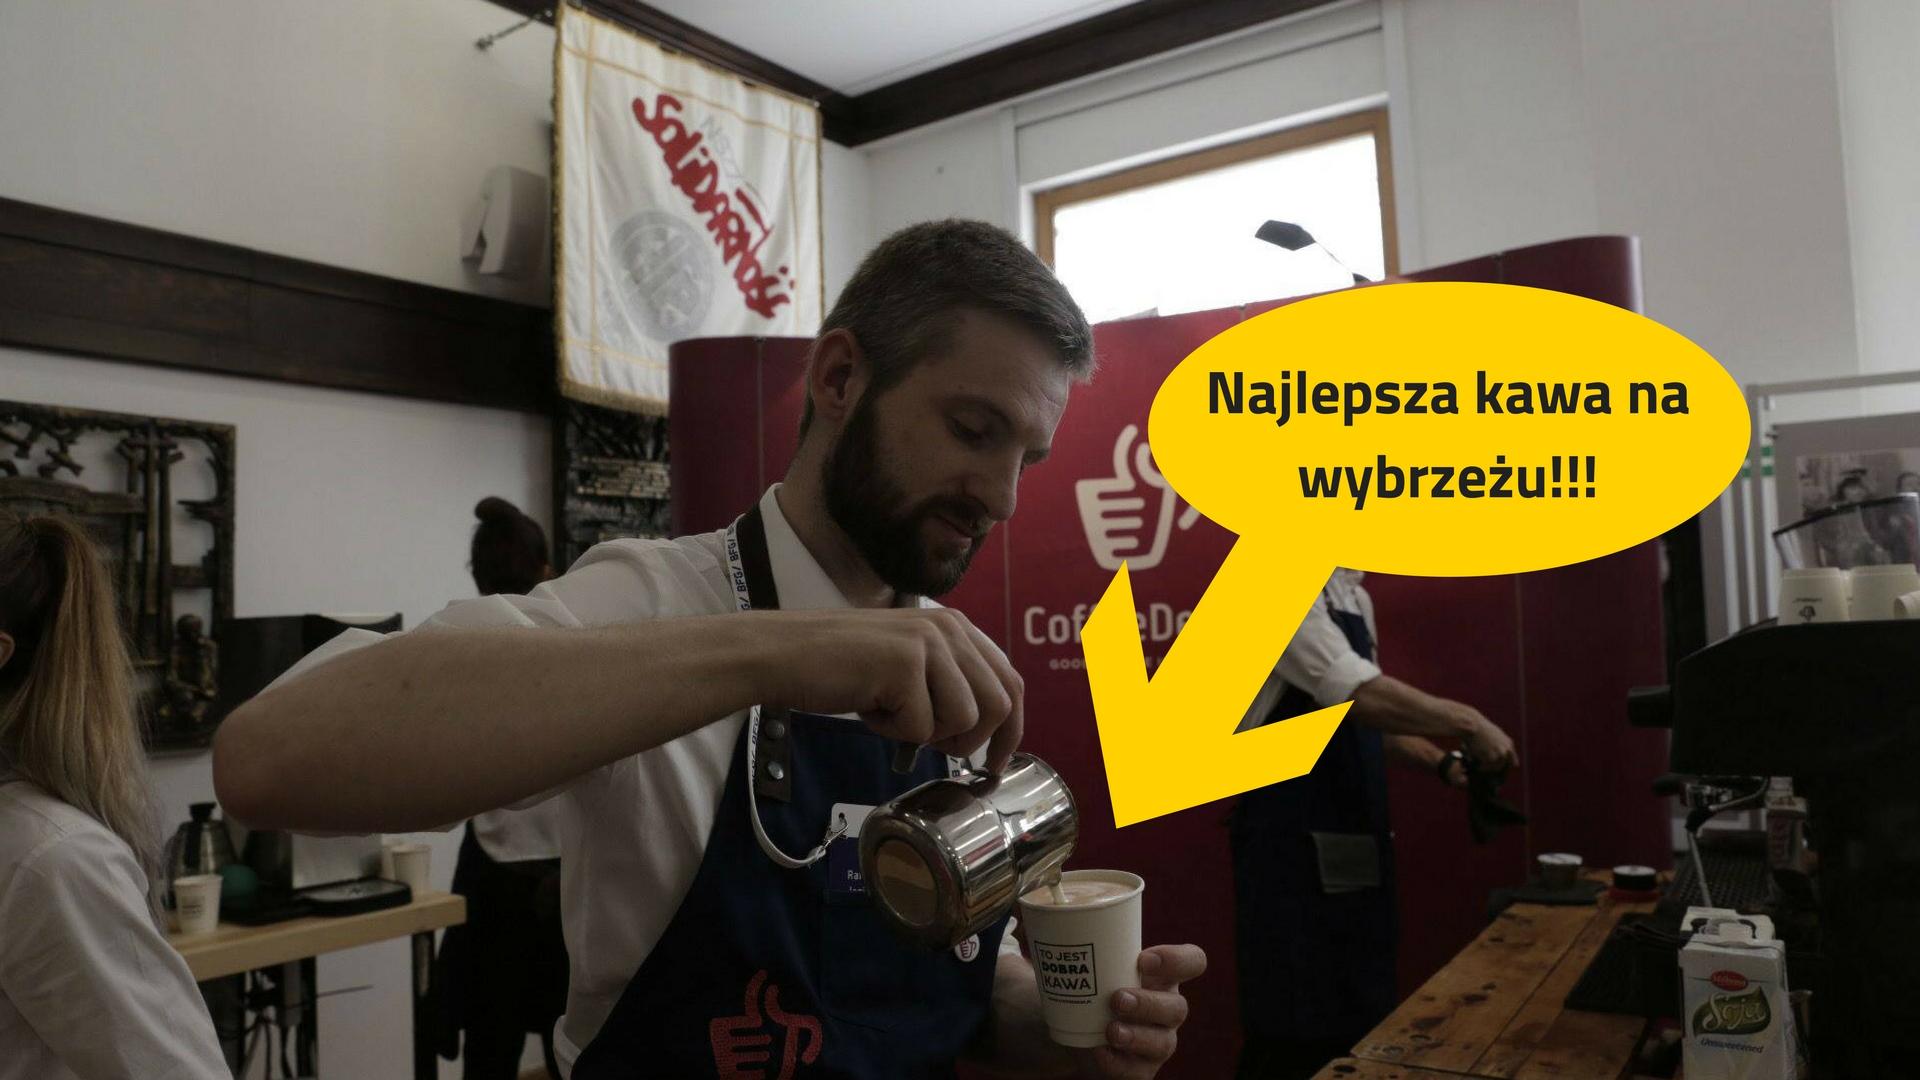 fot. Paweł Wyszomirski / przeróbka moja